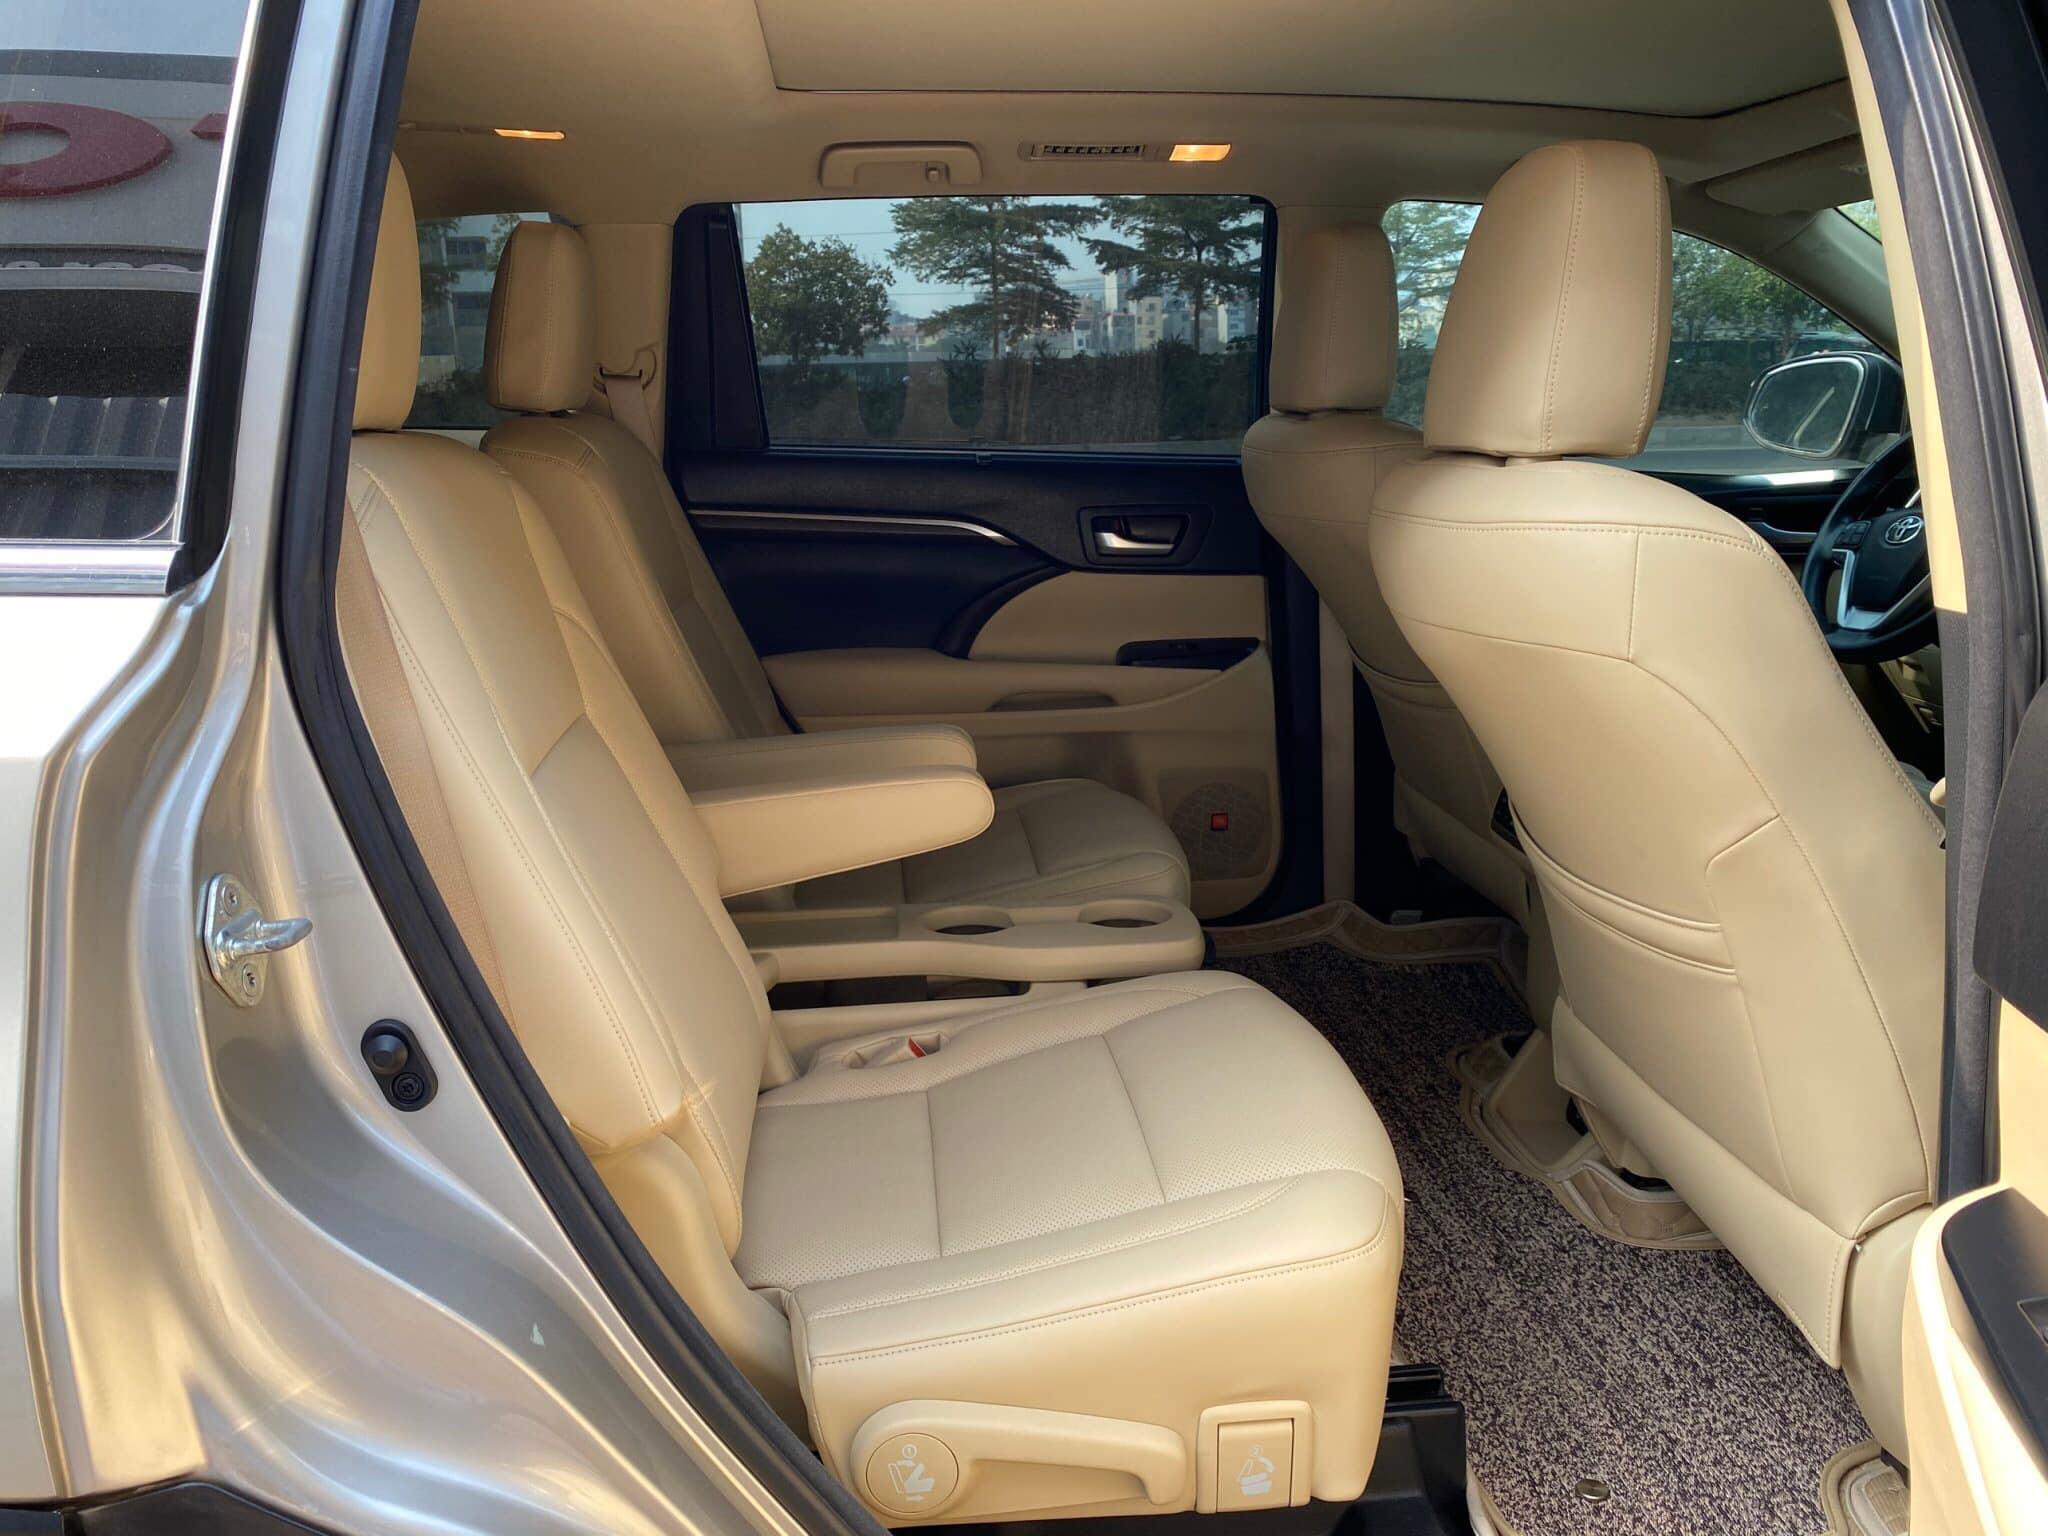 Toyota Highlander Limited 2015, 6 chỗ ngồi hàng hiếm tại Việt Nam - 09